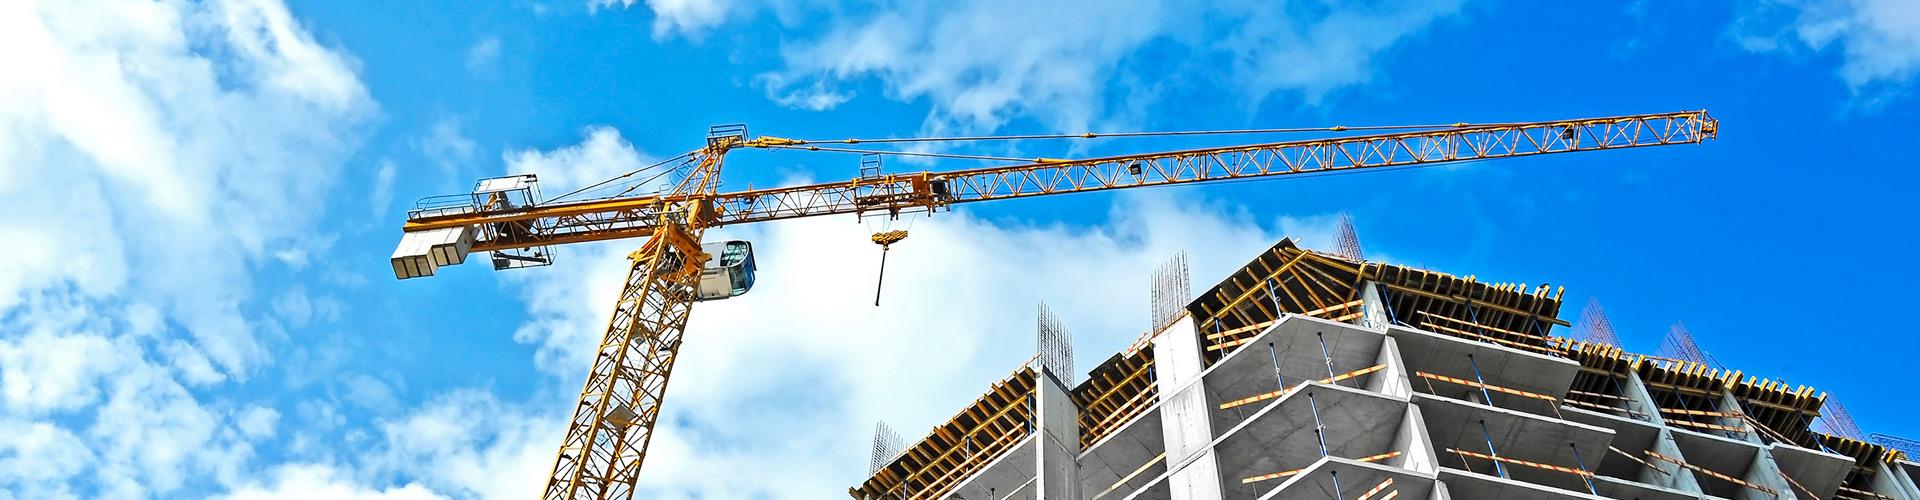 Sevea Immobilier - Mentions Légales